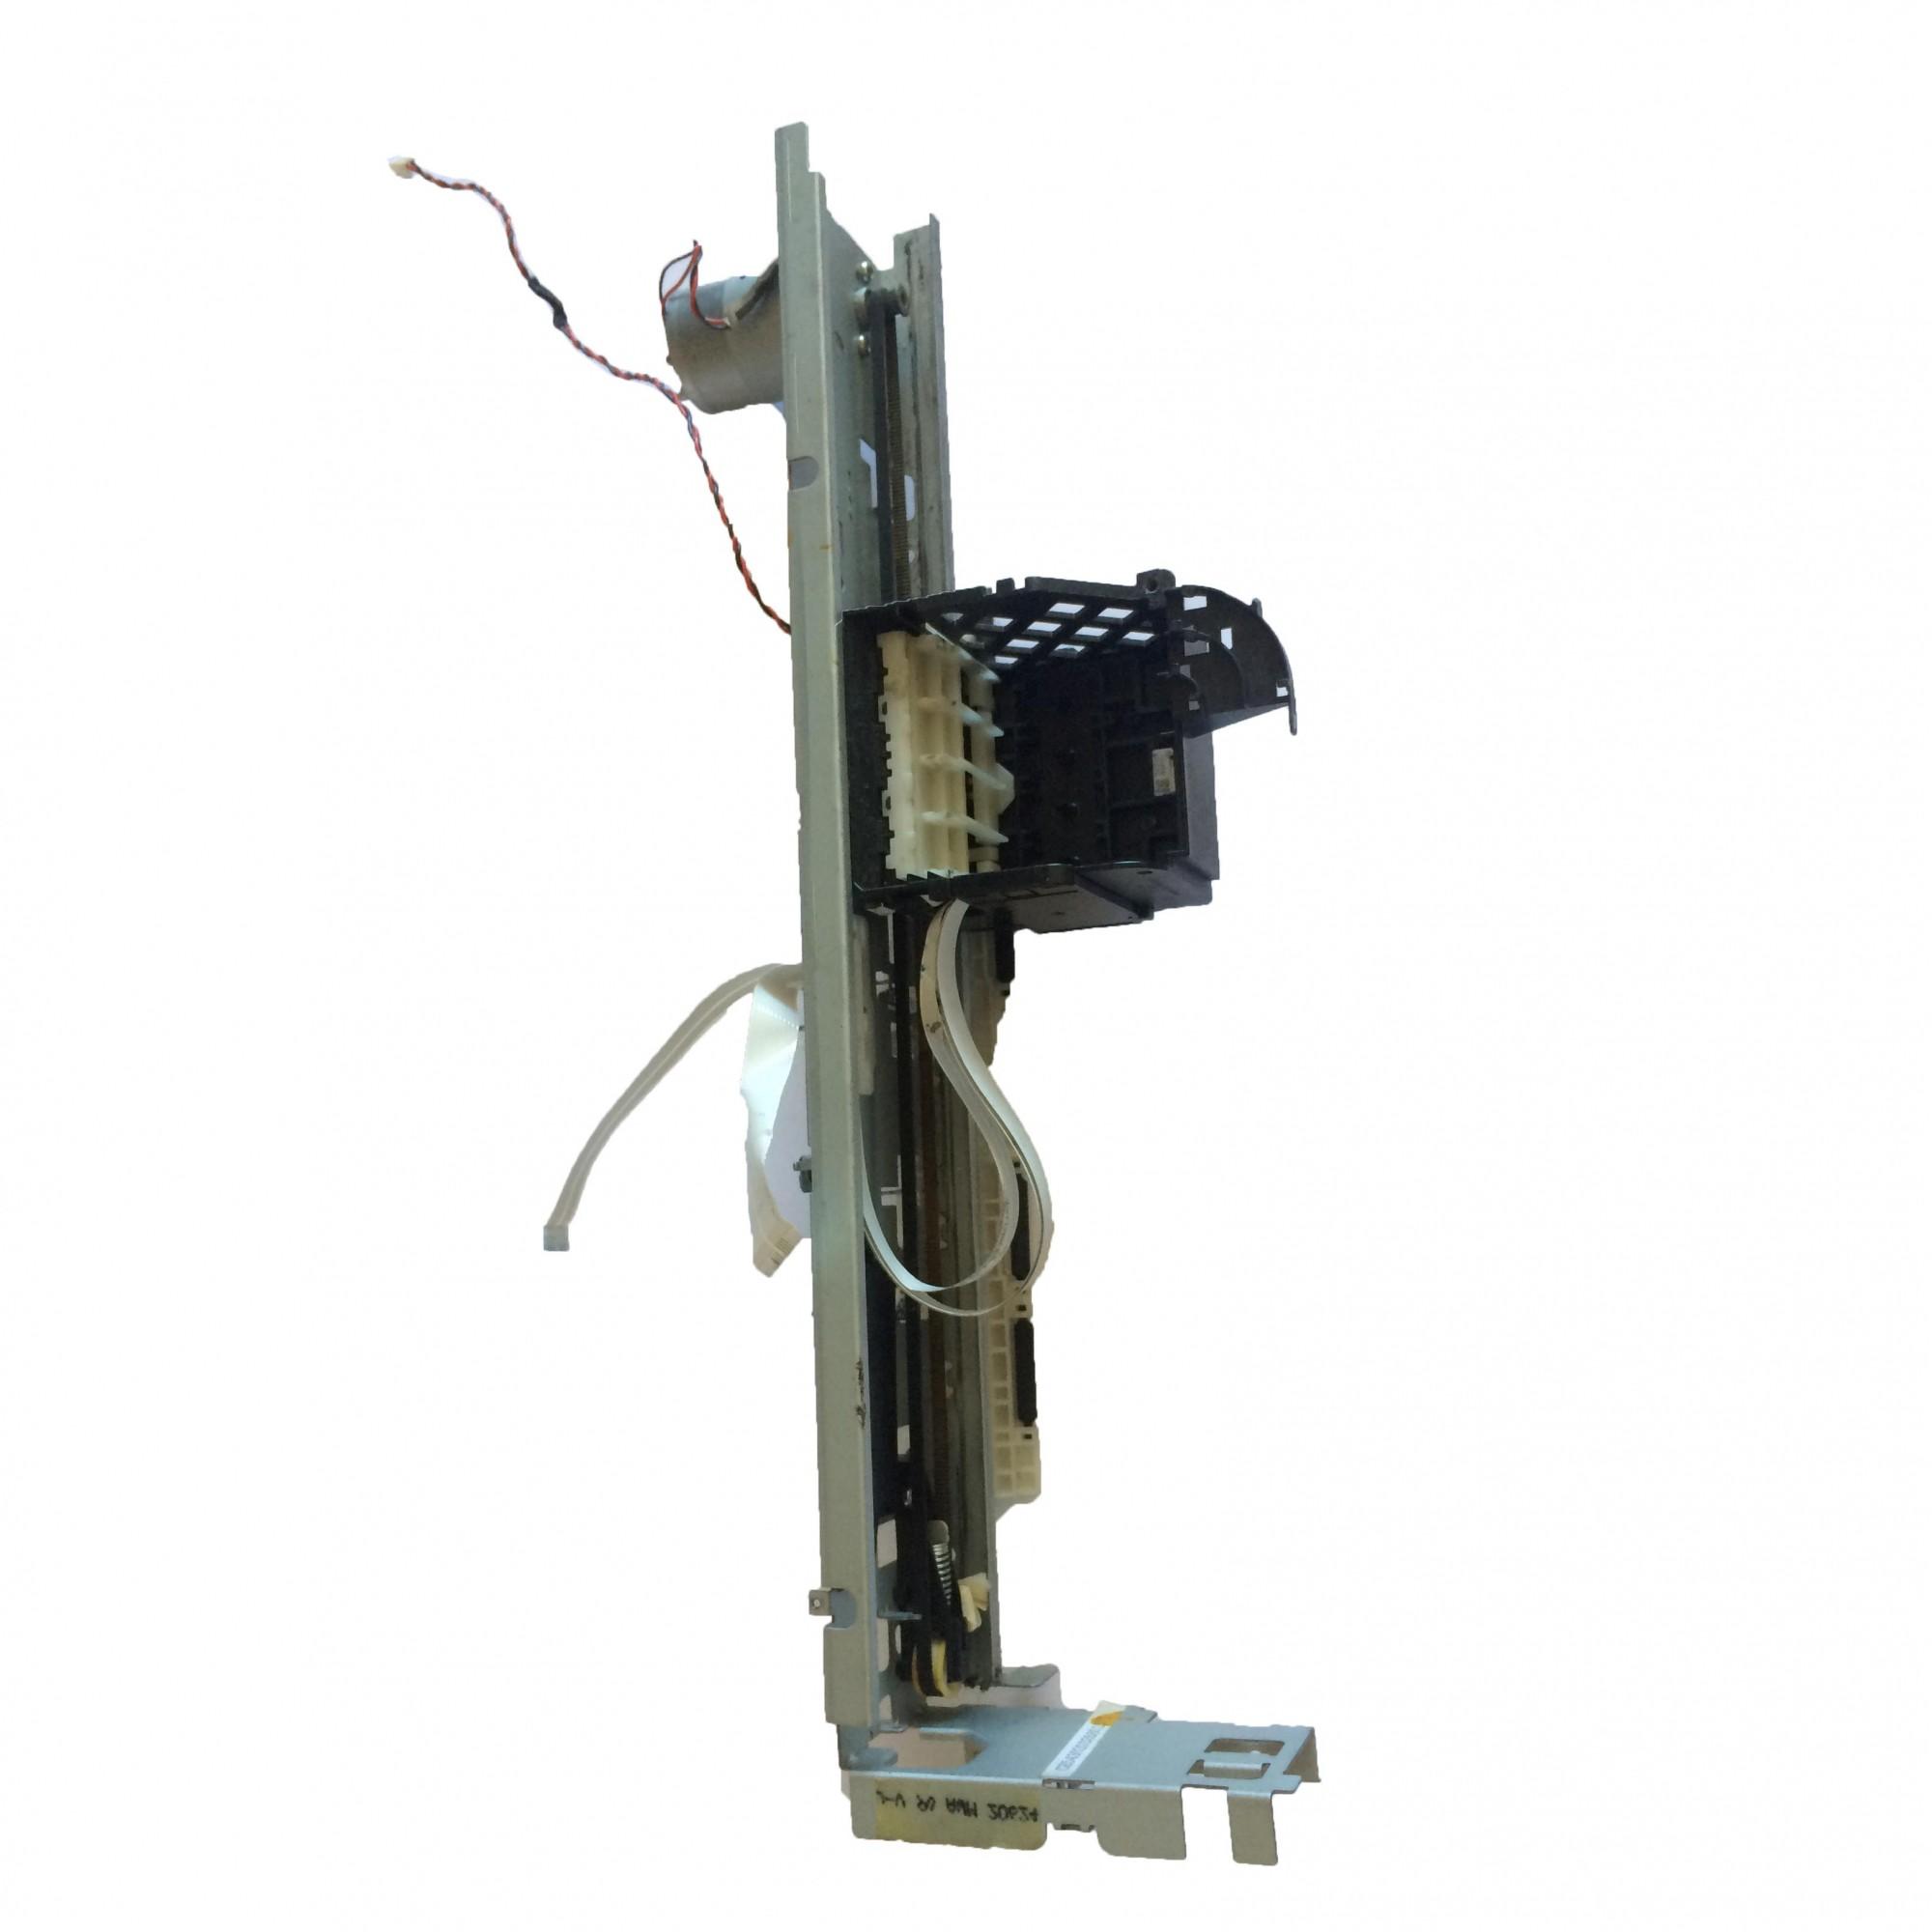 Carro de Impressão + Mecanismo e Cabo Flat Epson L365 PN:CE543020D35801571 - Retirado